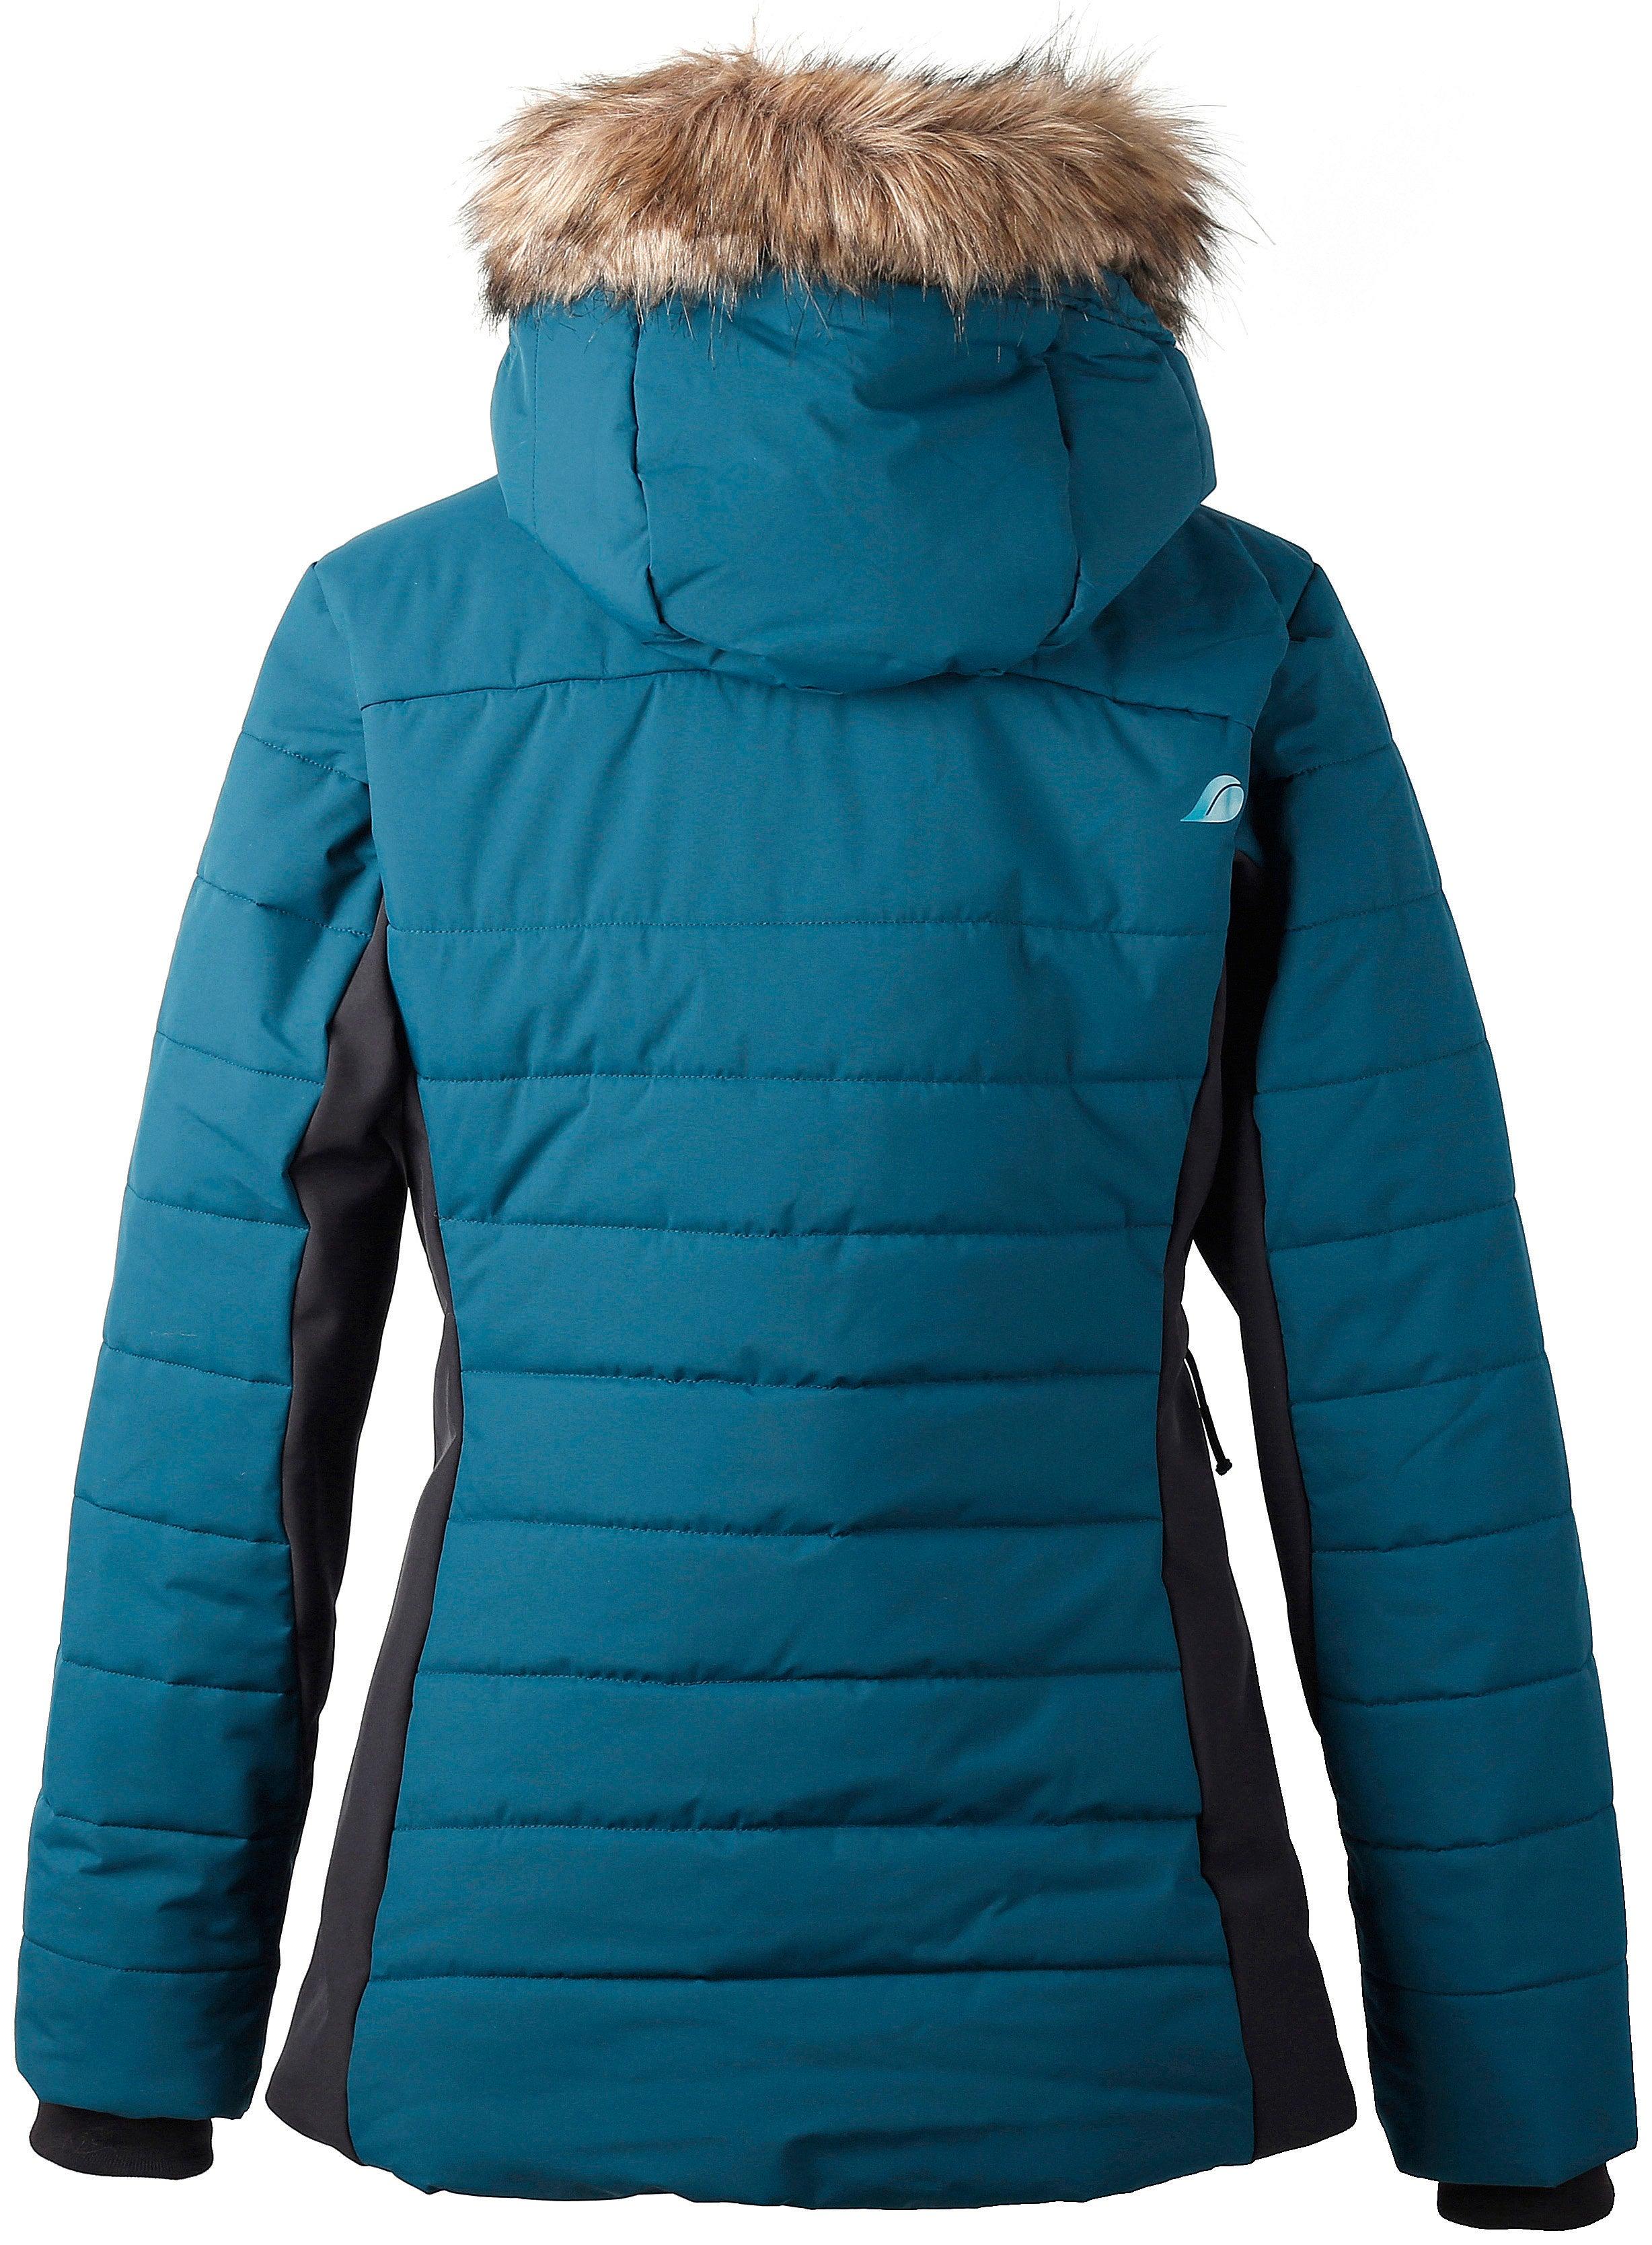 a55cfee3b Ona Women's Padded Jacket - Didriksons